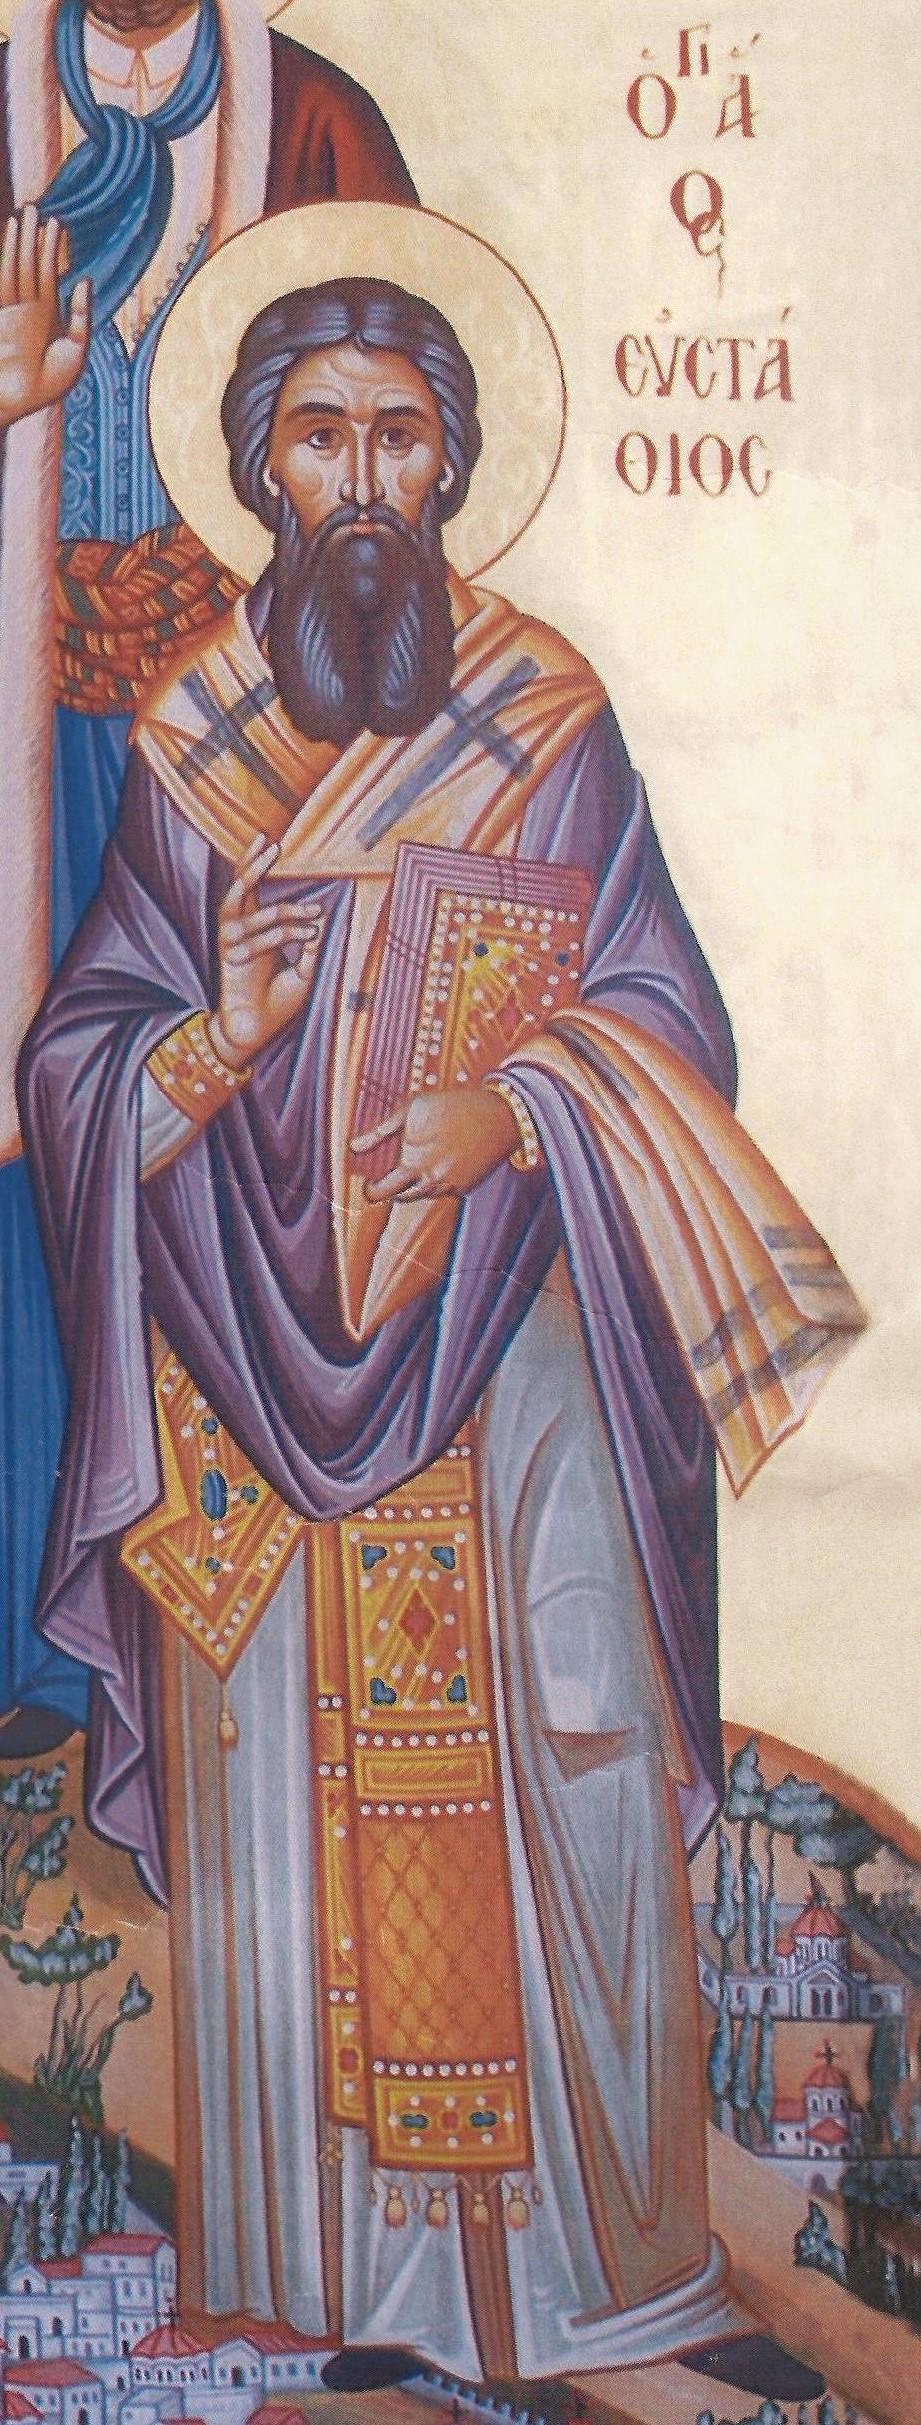 Όσιος Ευστάθιος επίσκοπος Κίου